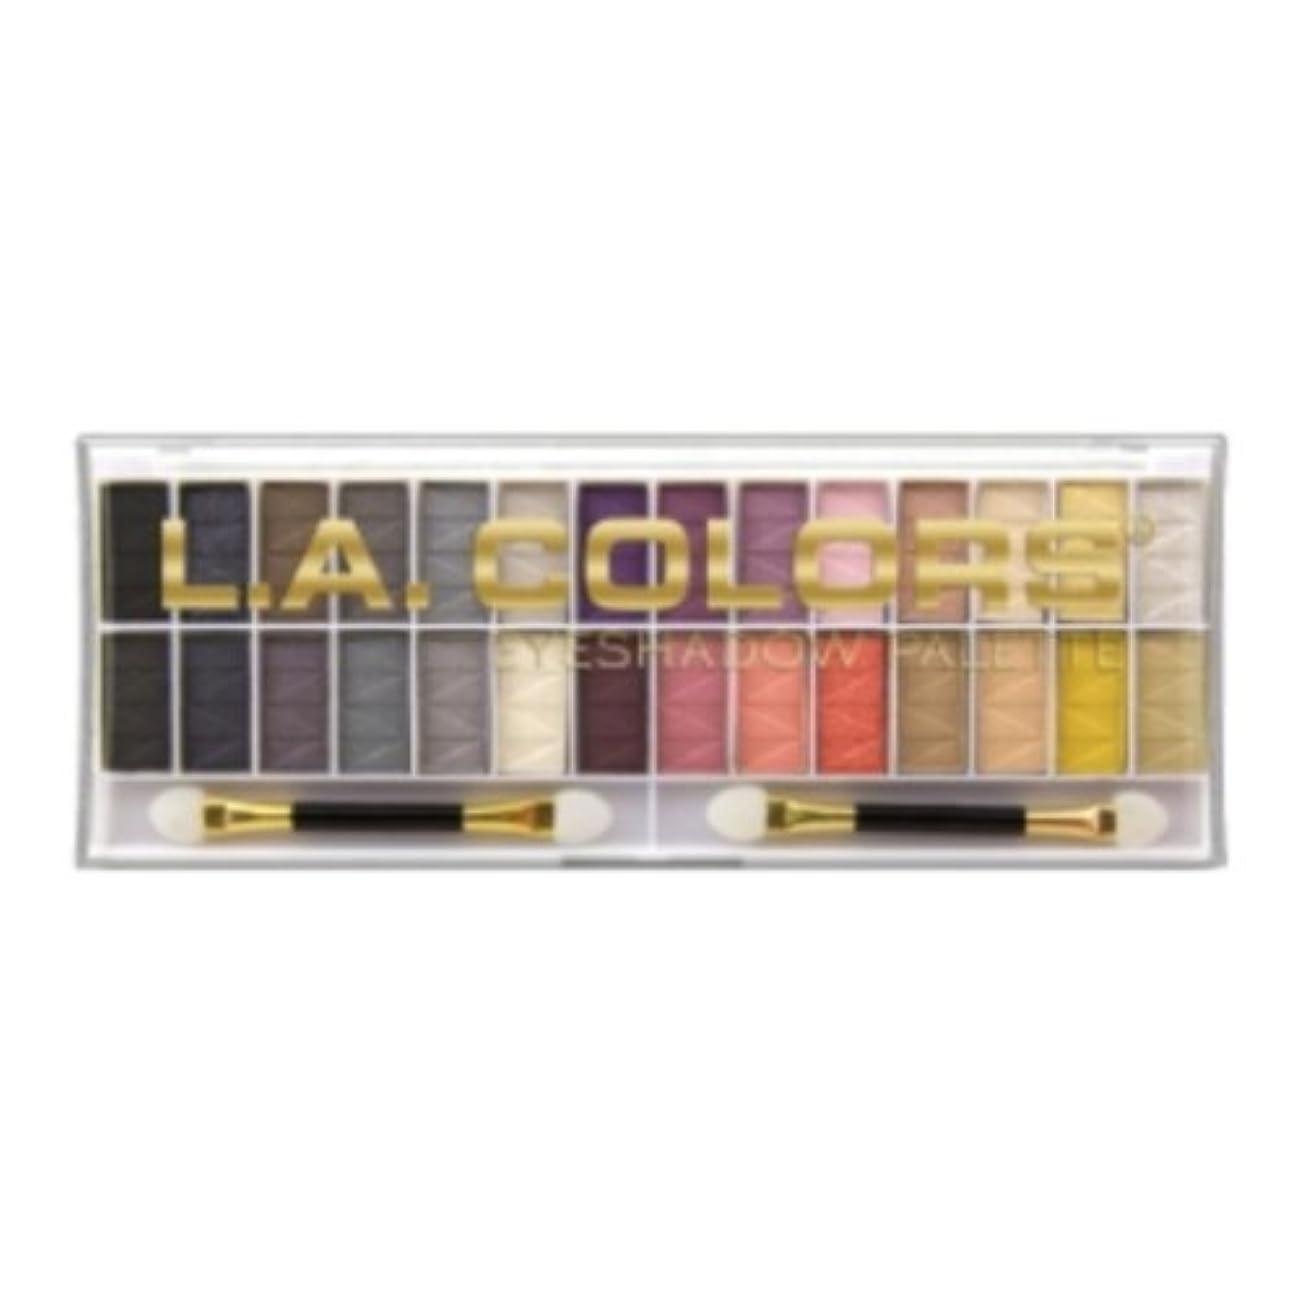 知る適性感情L.A. COLORS 28 Color Eyeshadow Palette - Malibu (並行輸入品)